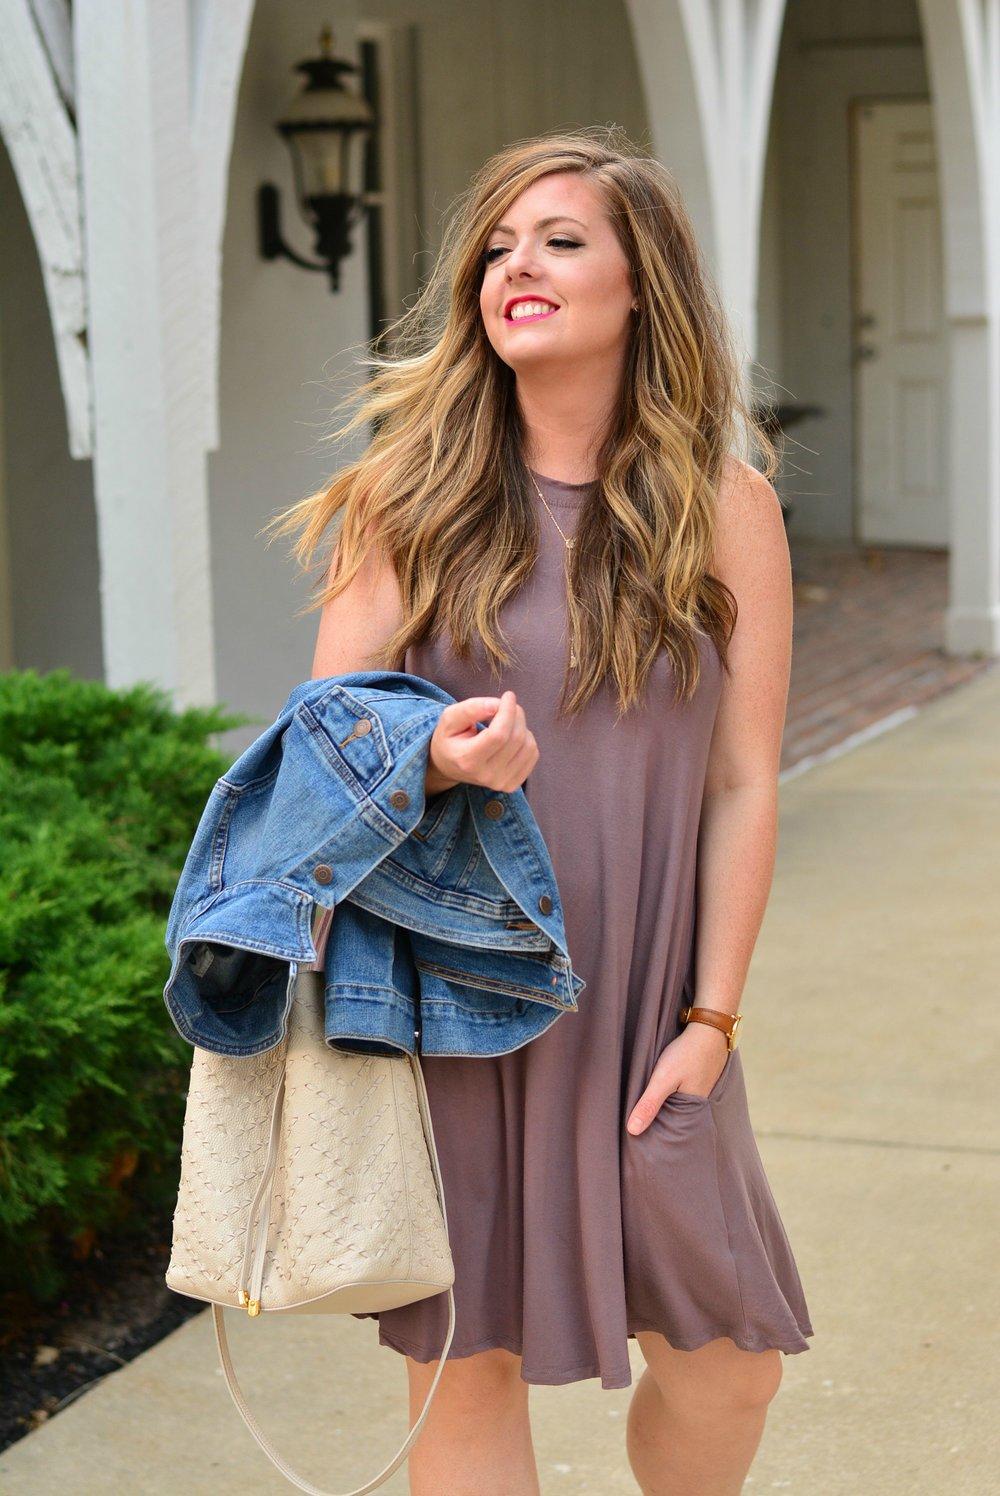 plum dress for fall